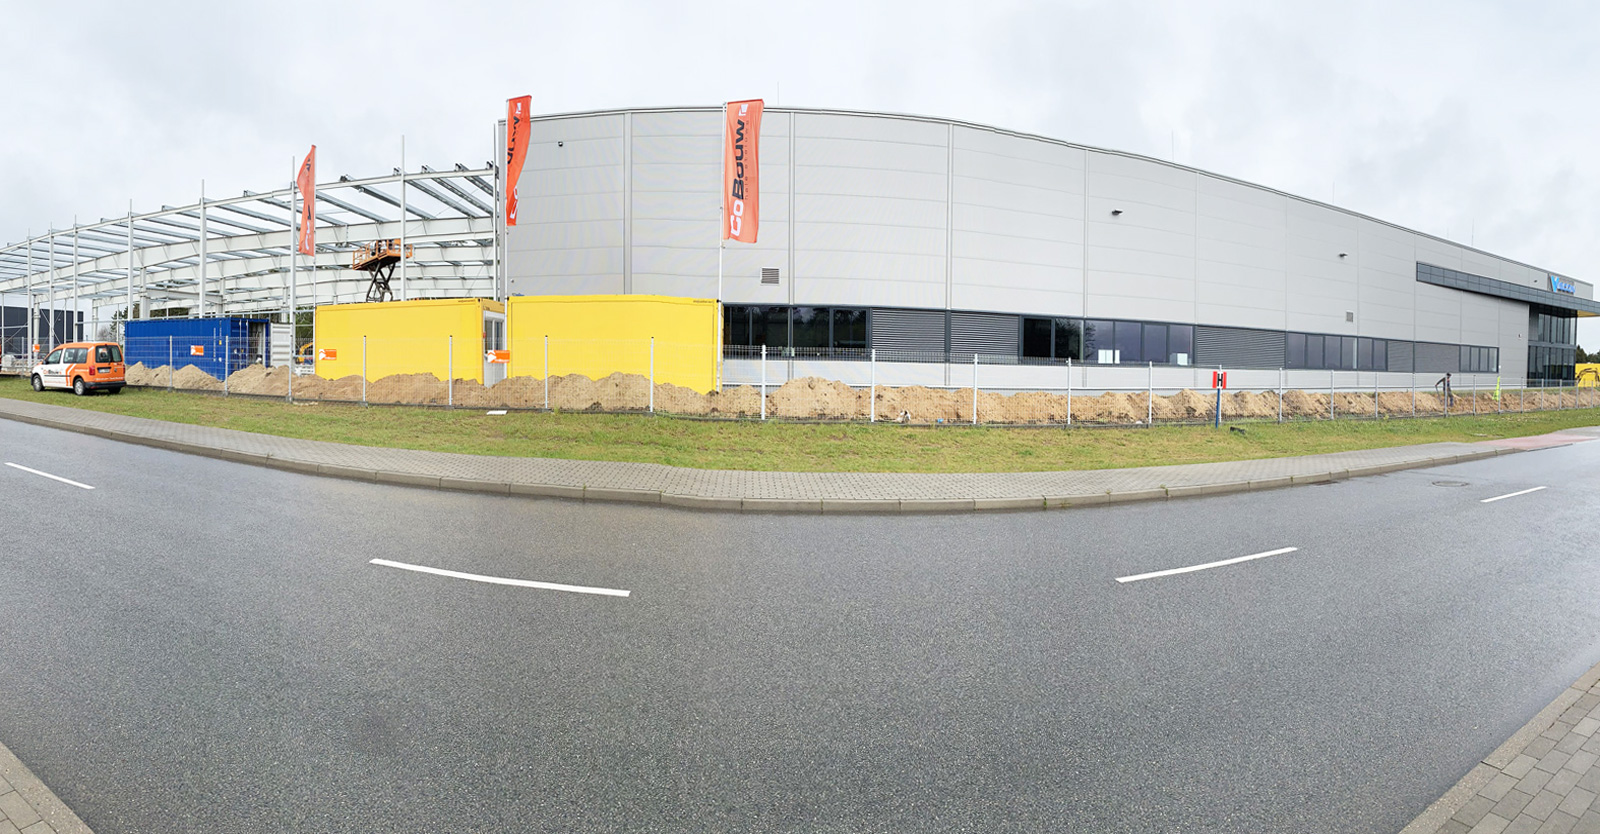 rozbudowa hali produkcyjno-magazynowej - inwestycja dla firmy Viscon, rozbudowa istniejącej hali, w Płaszewku, Słupska SSE, woj. pomorskie